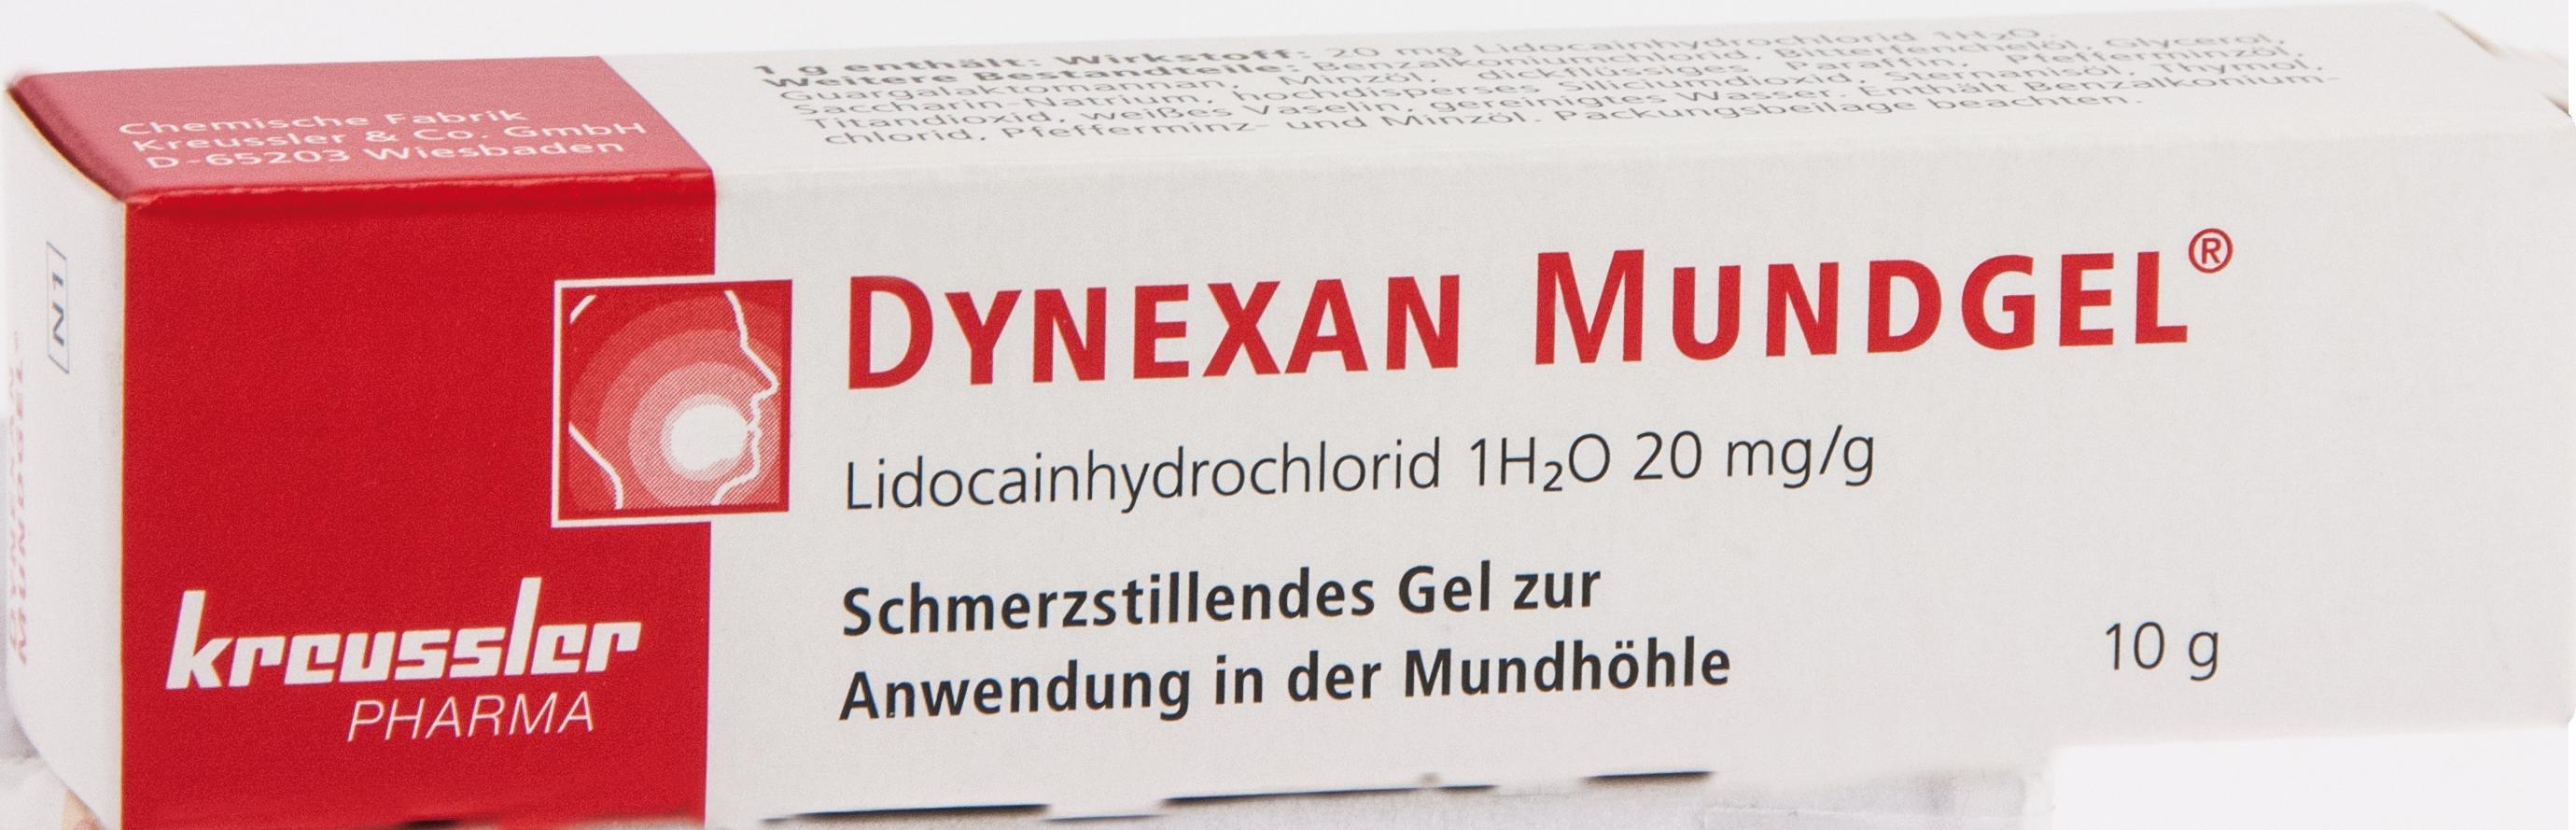 Dynexan Mundgel